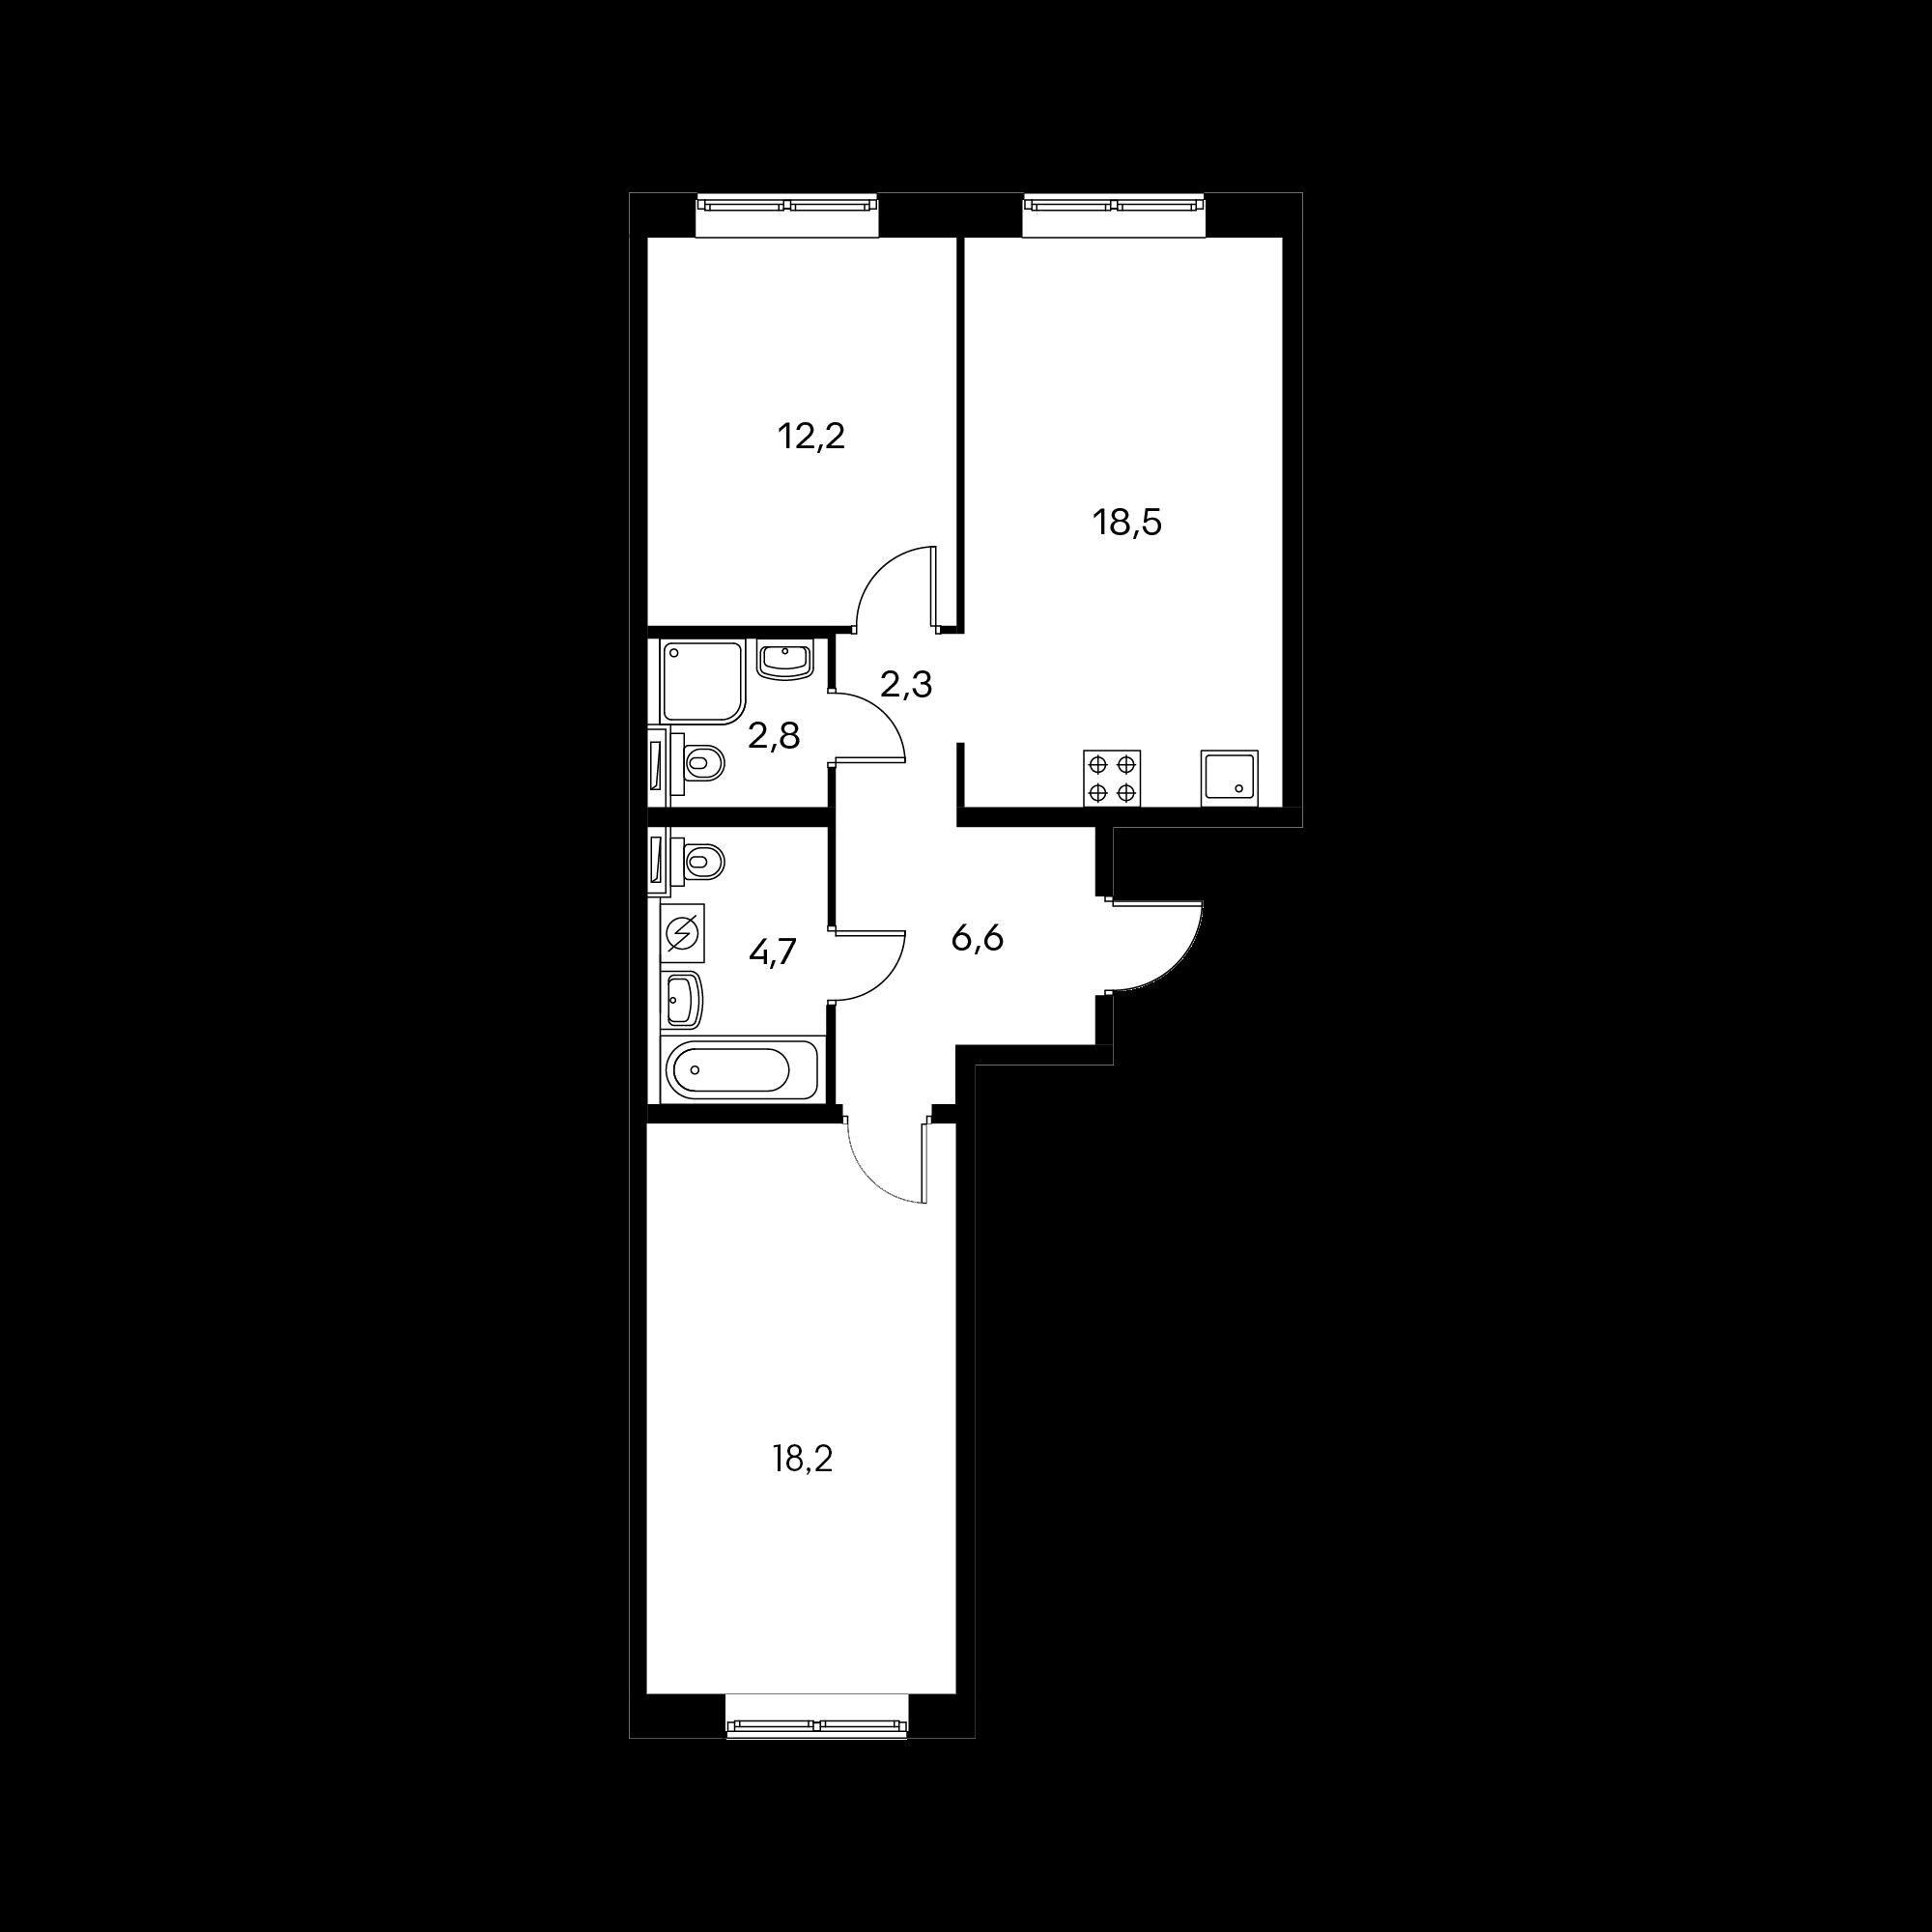 2EL3_6.6-1SZ